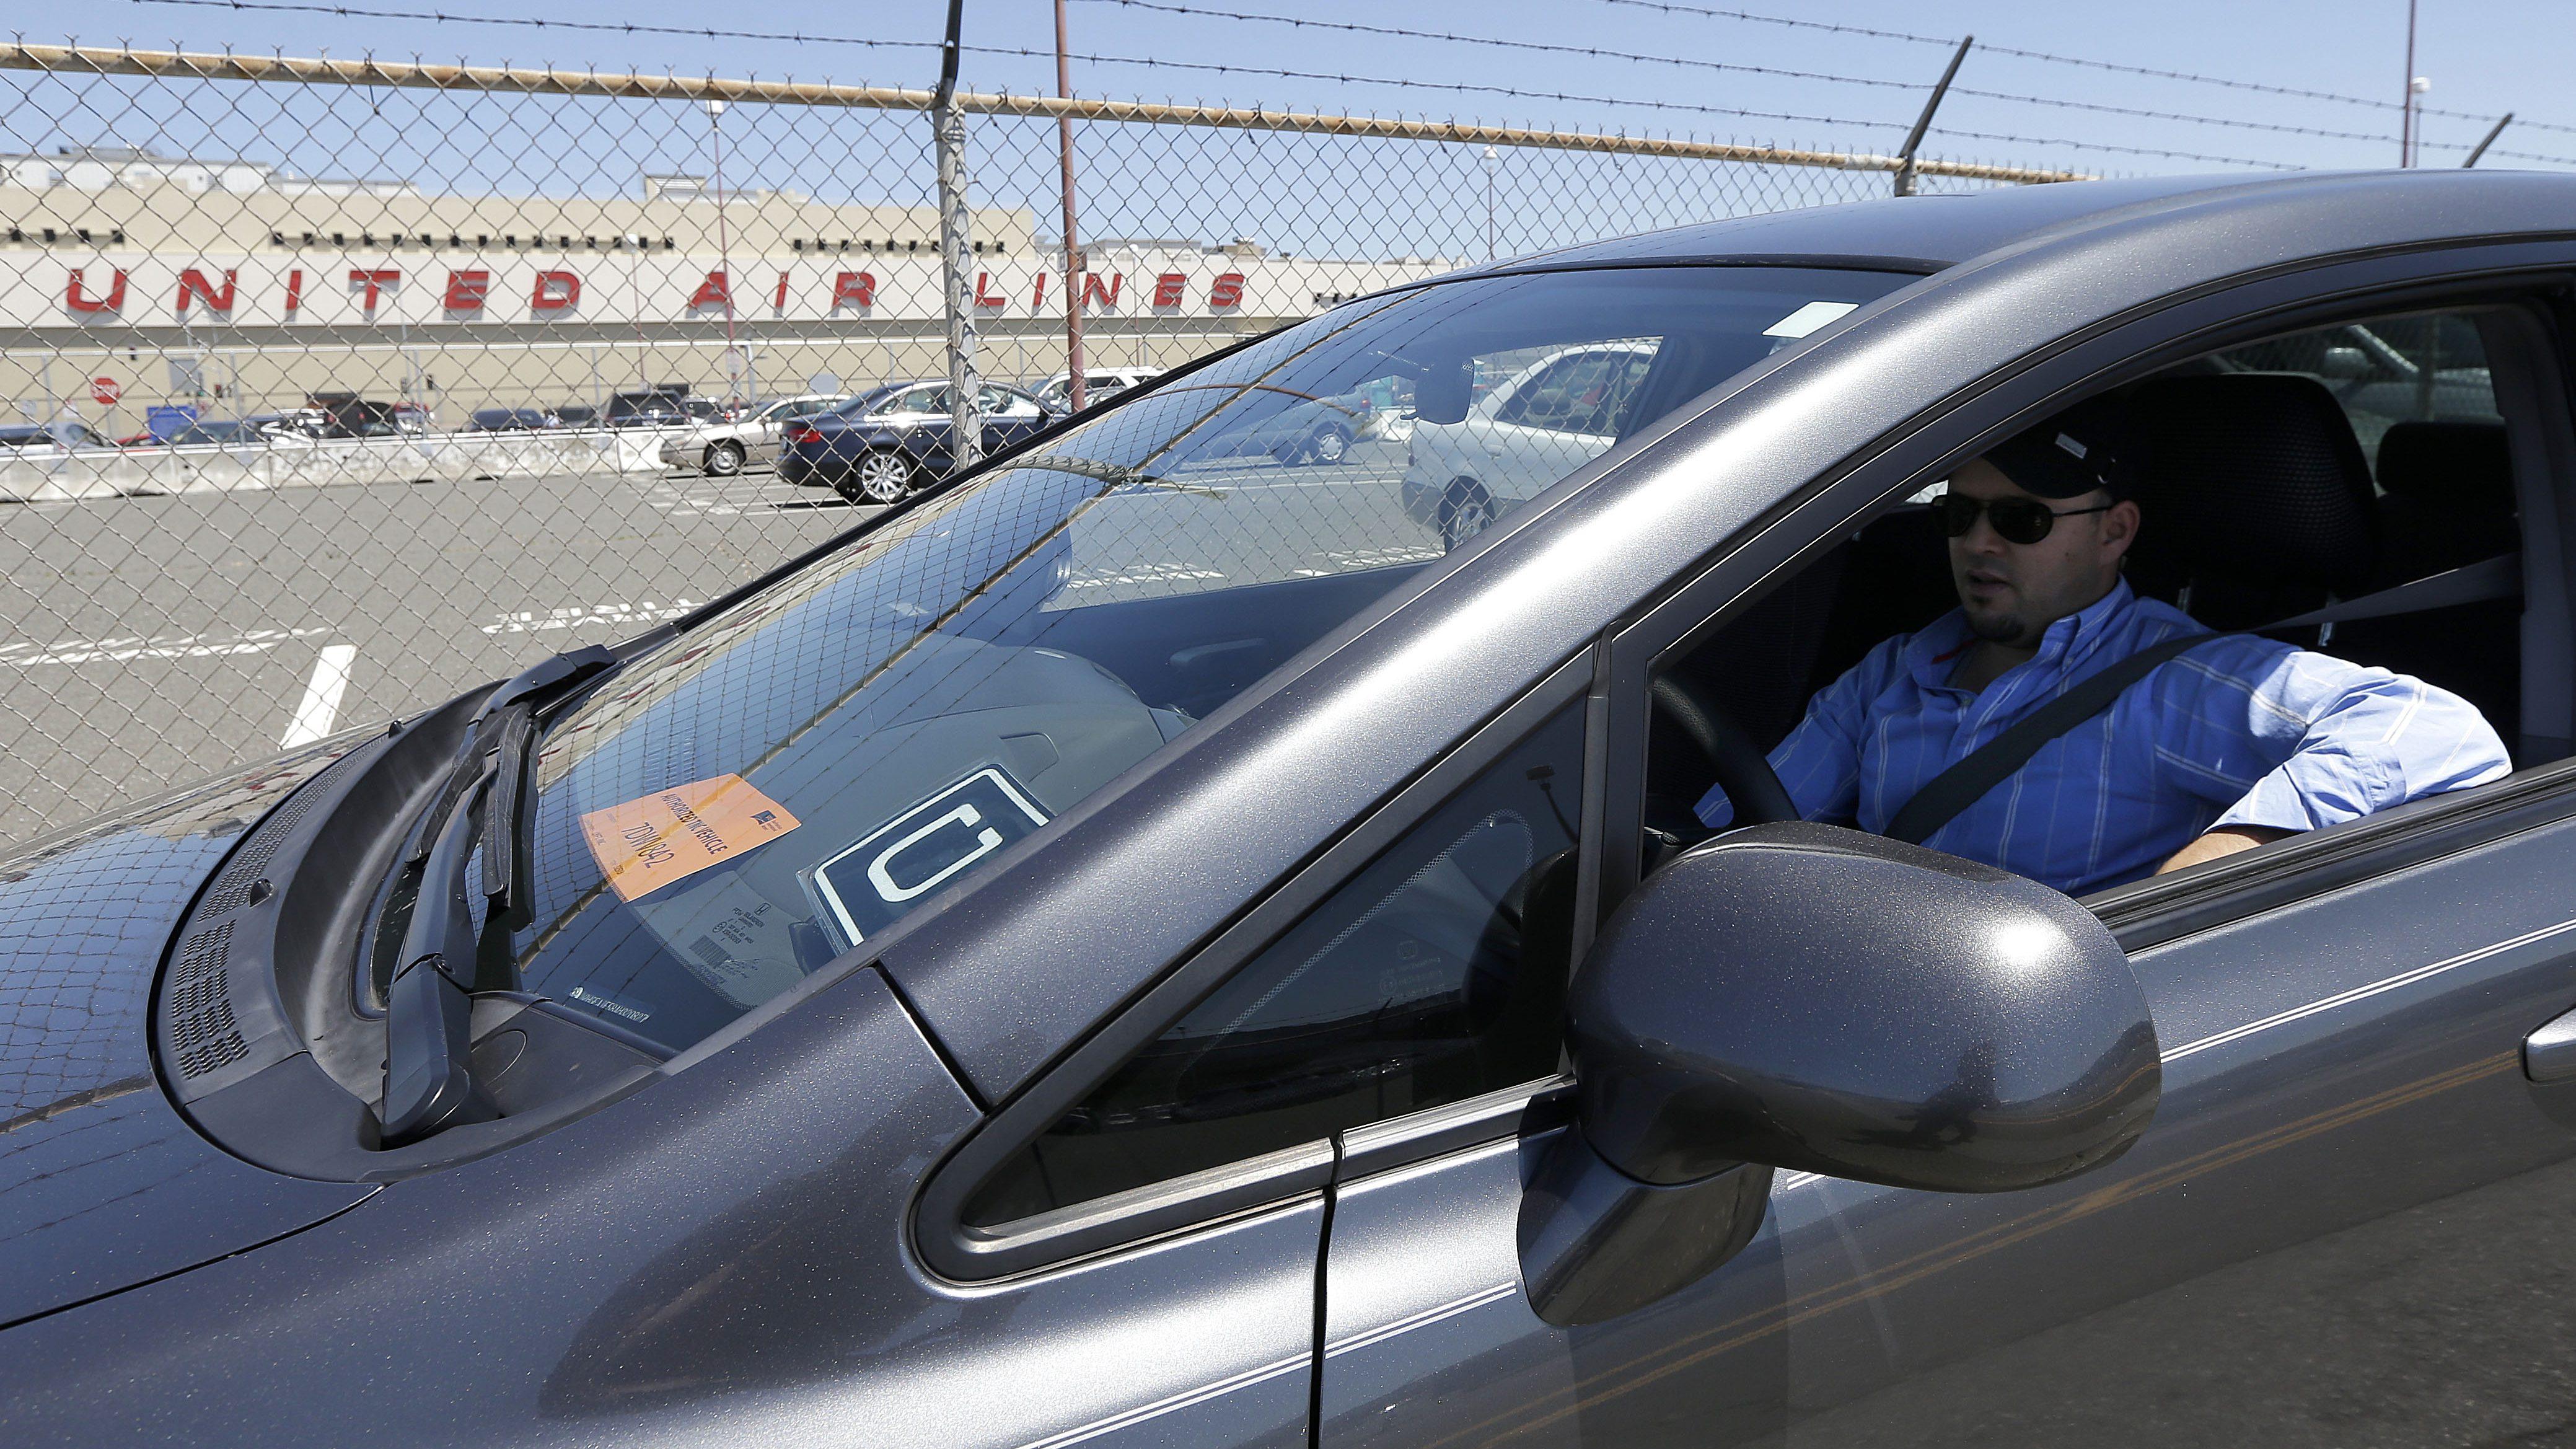 An Uber driver waits for a passenger.